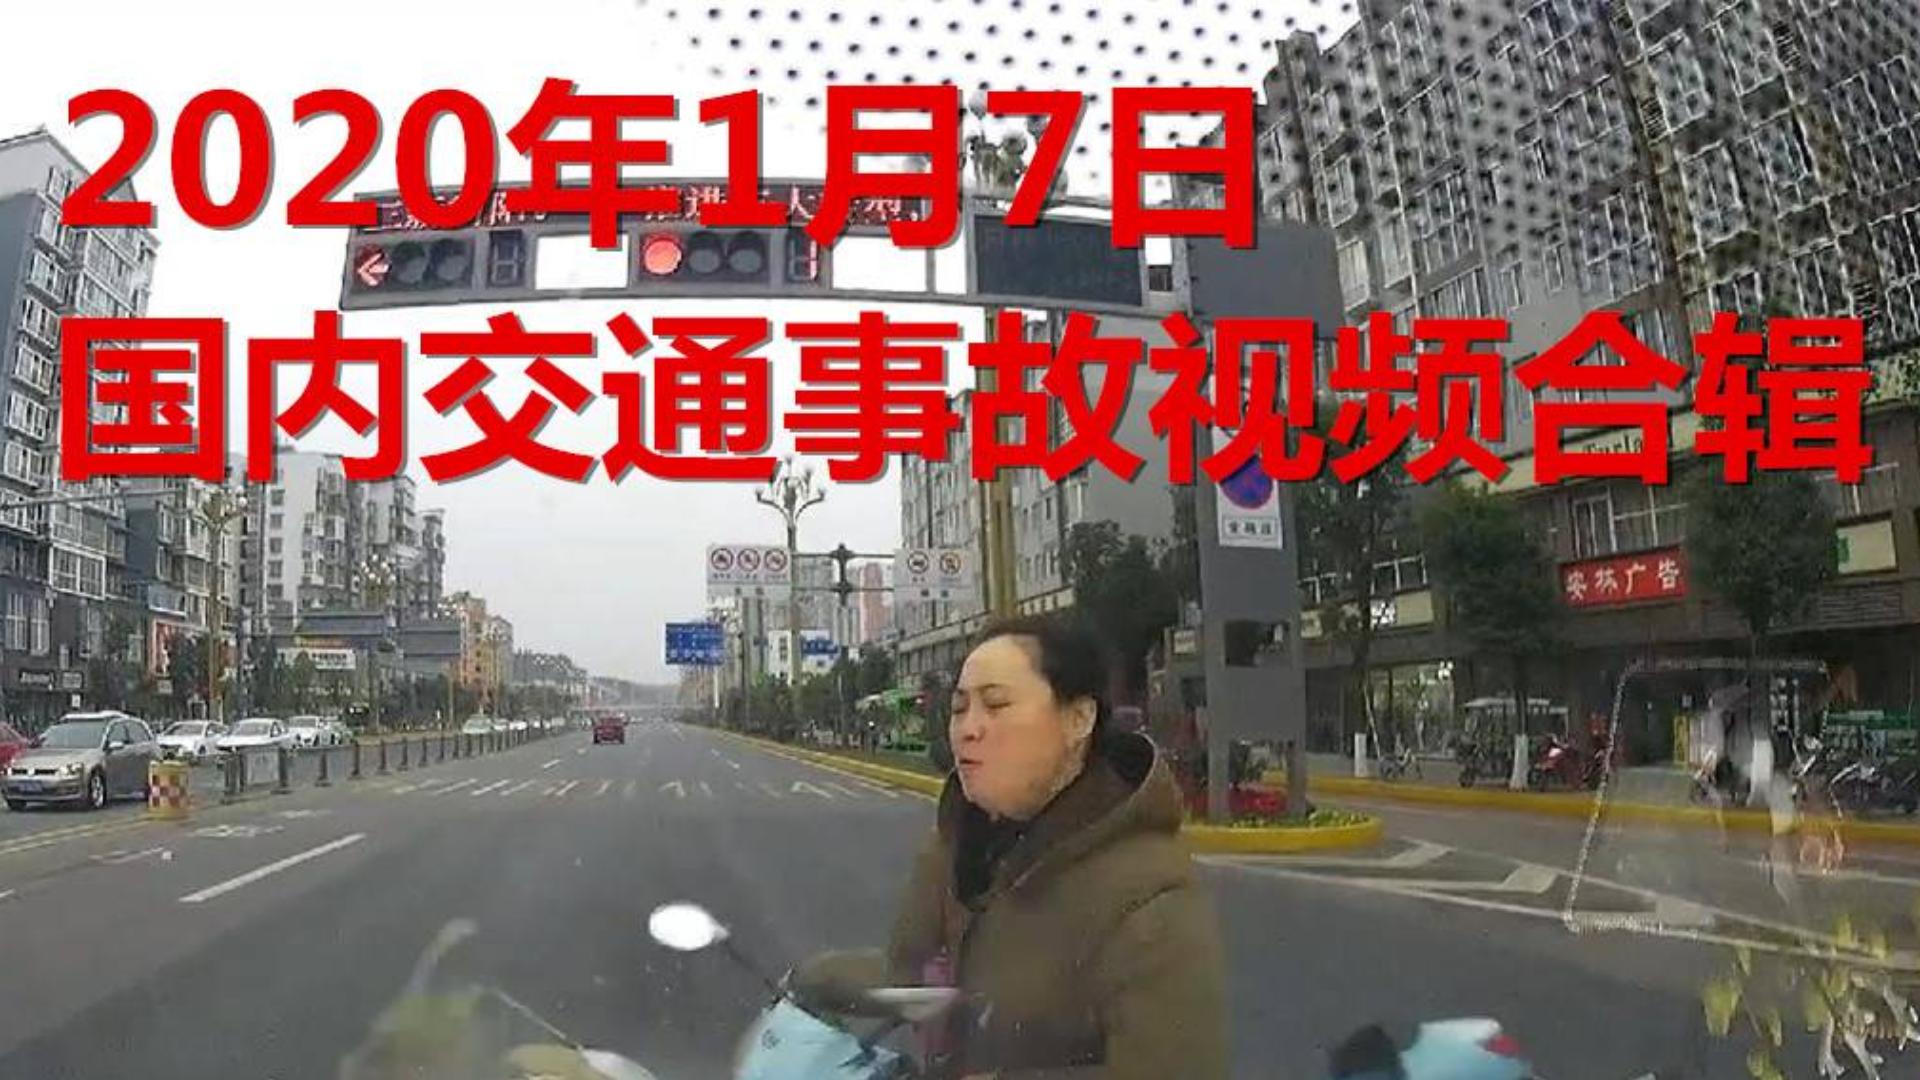 2020年1月7日国内交通事故视频合辑